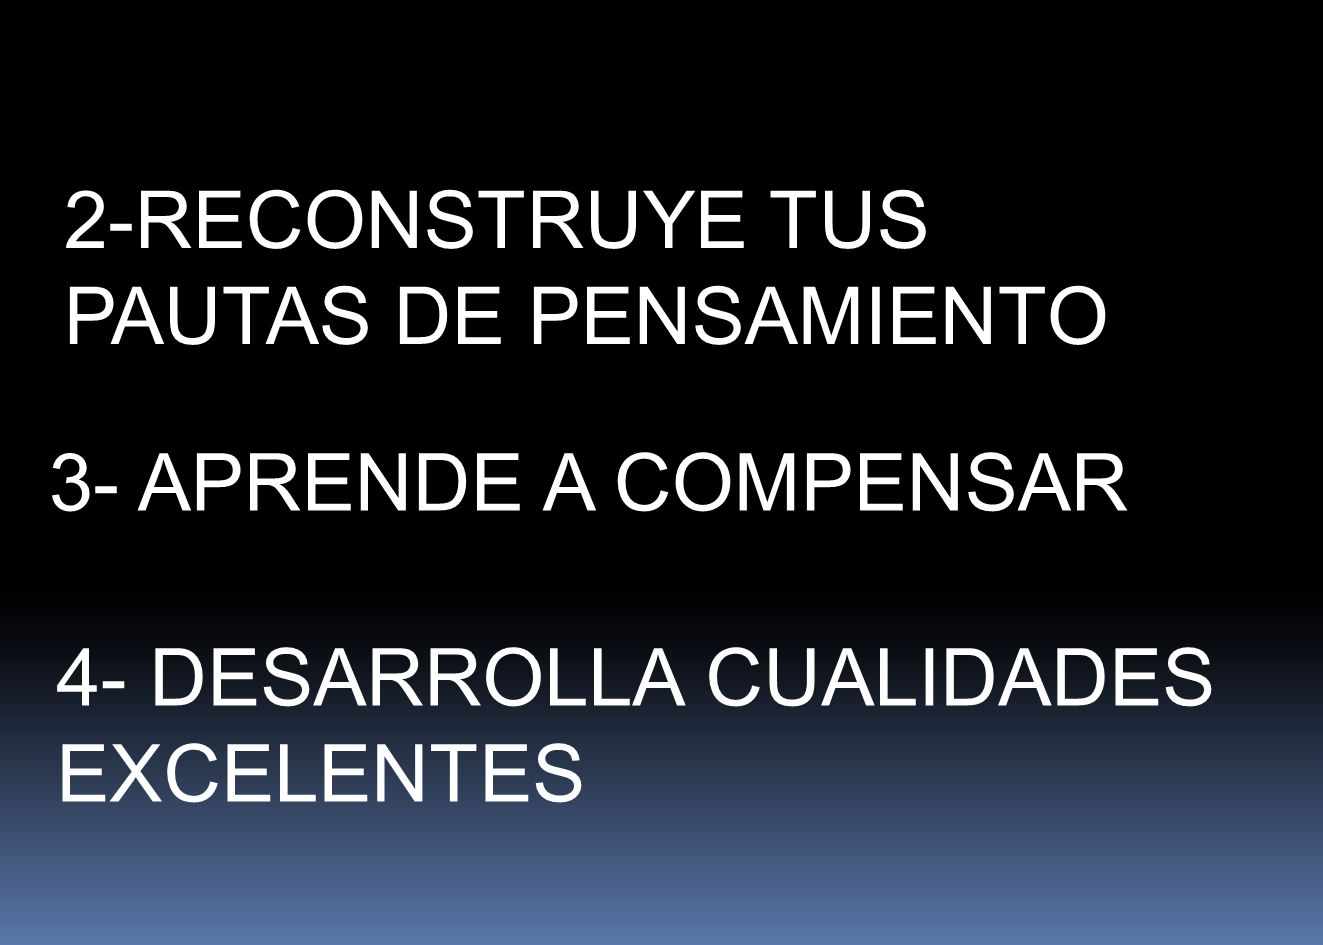 2-RECONSTRUYE TUS PAUTAS DE PENSAMIENTO